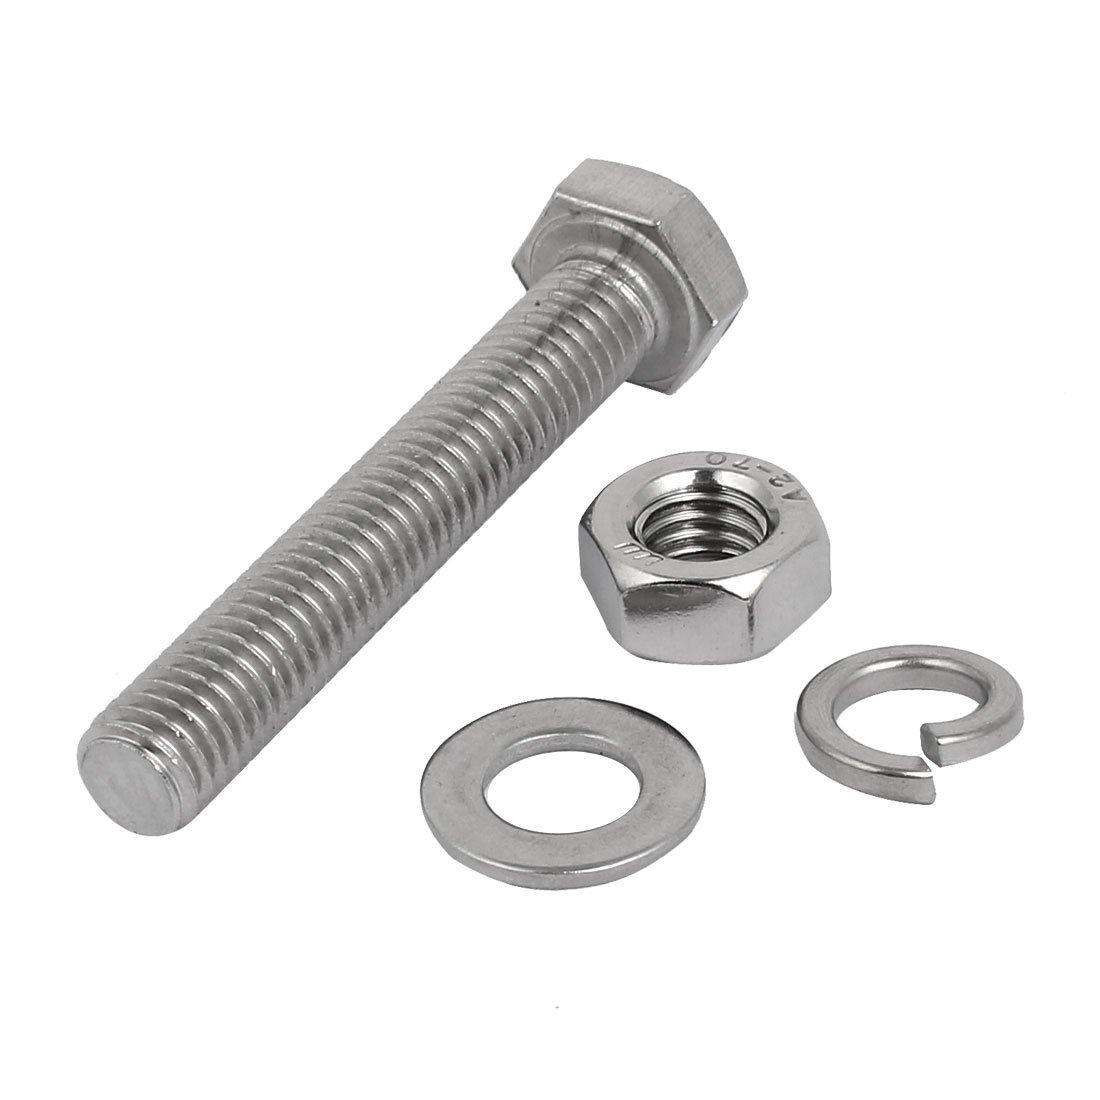 10 Set M8x50mm vis T/ête Hex acier Inox 304 Kit Assortiment /Écrou rondelle